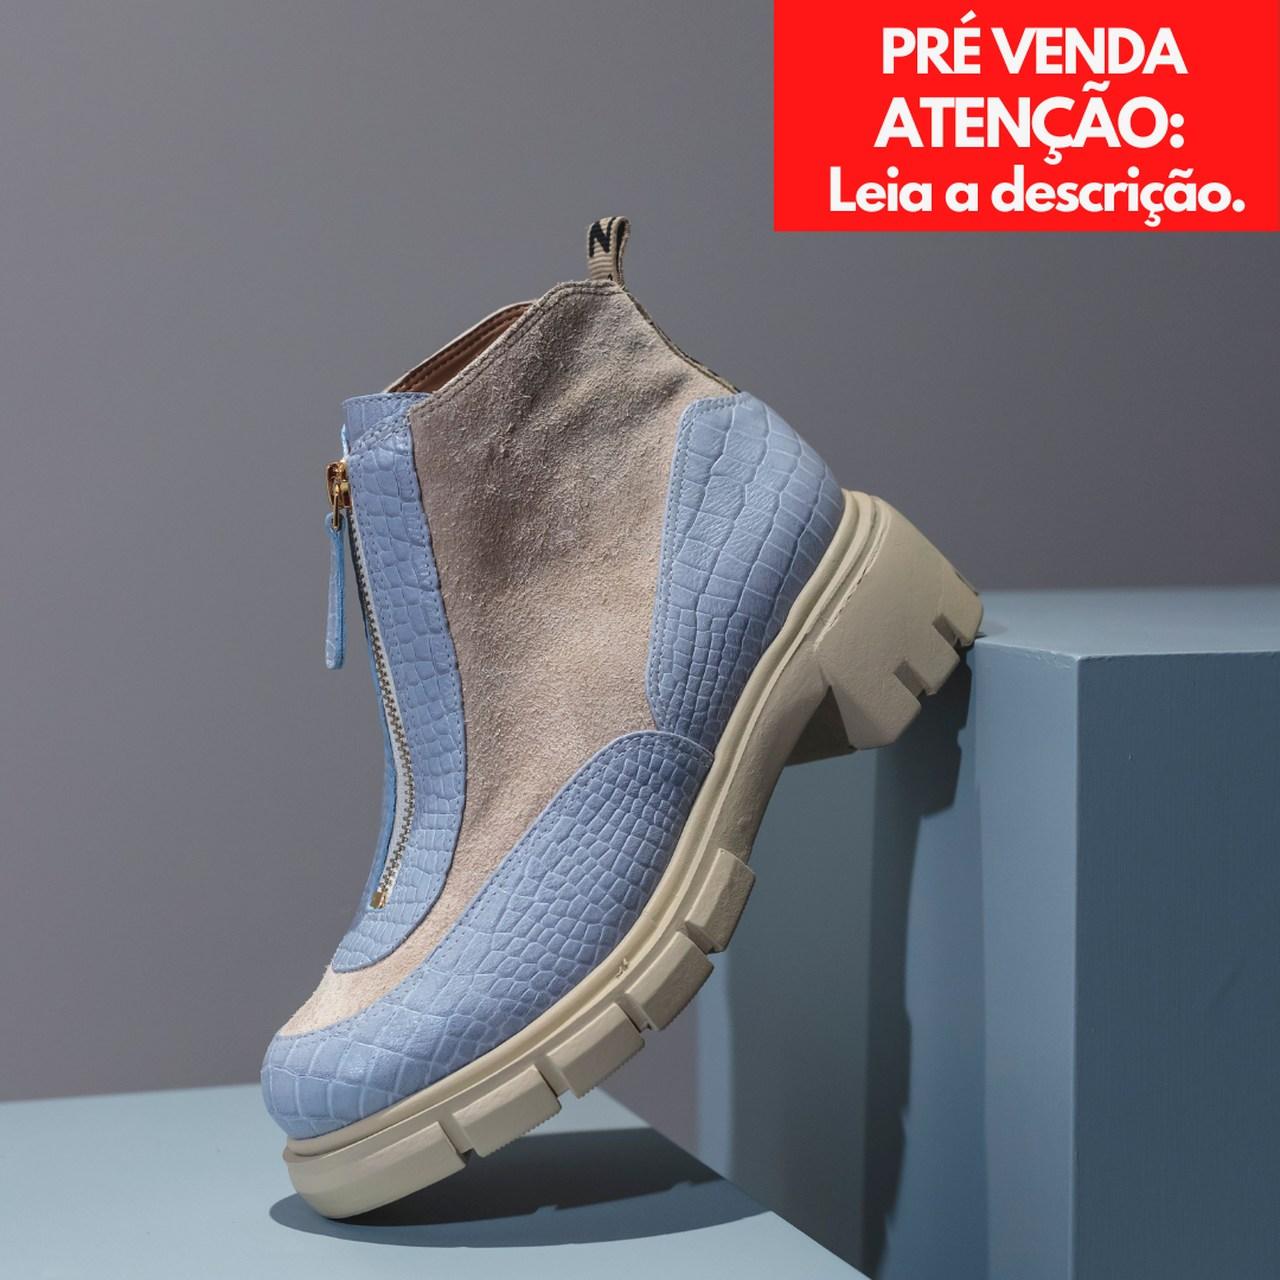 BOTA COURO CHERRY AZUL COLORS VICENZA *** PRÉ VENDA *** DATA PREVISTA DE ENVIO 12/07